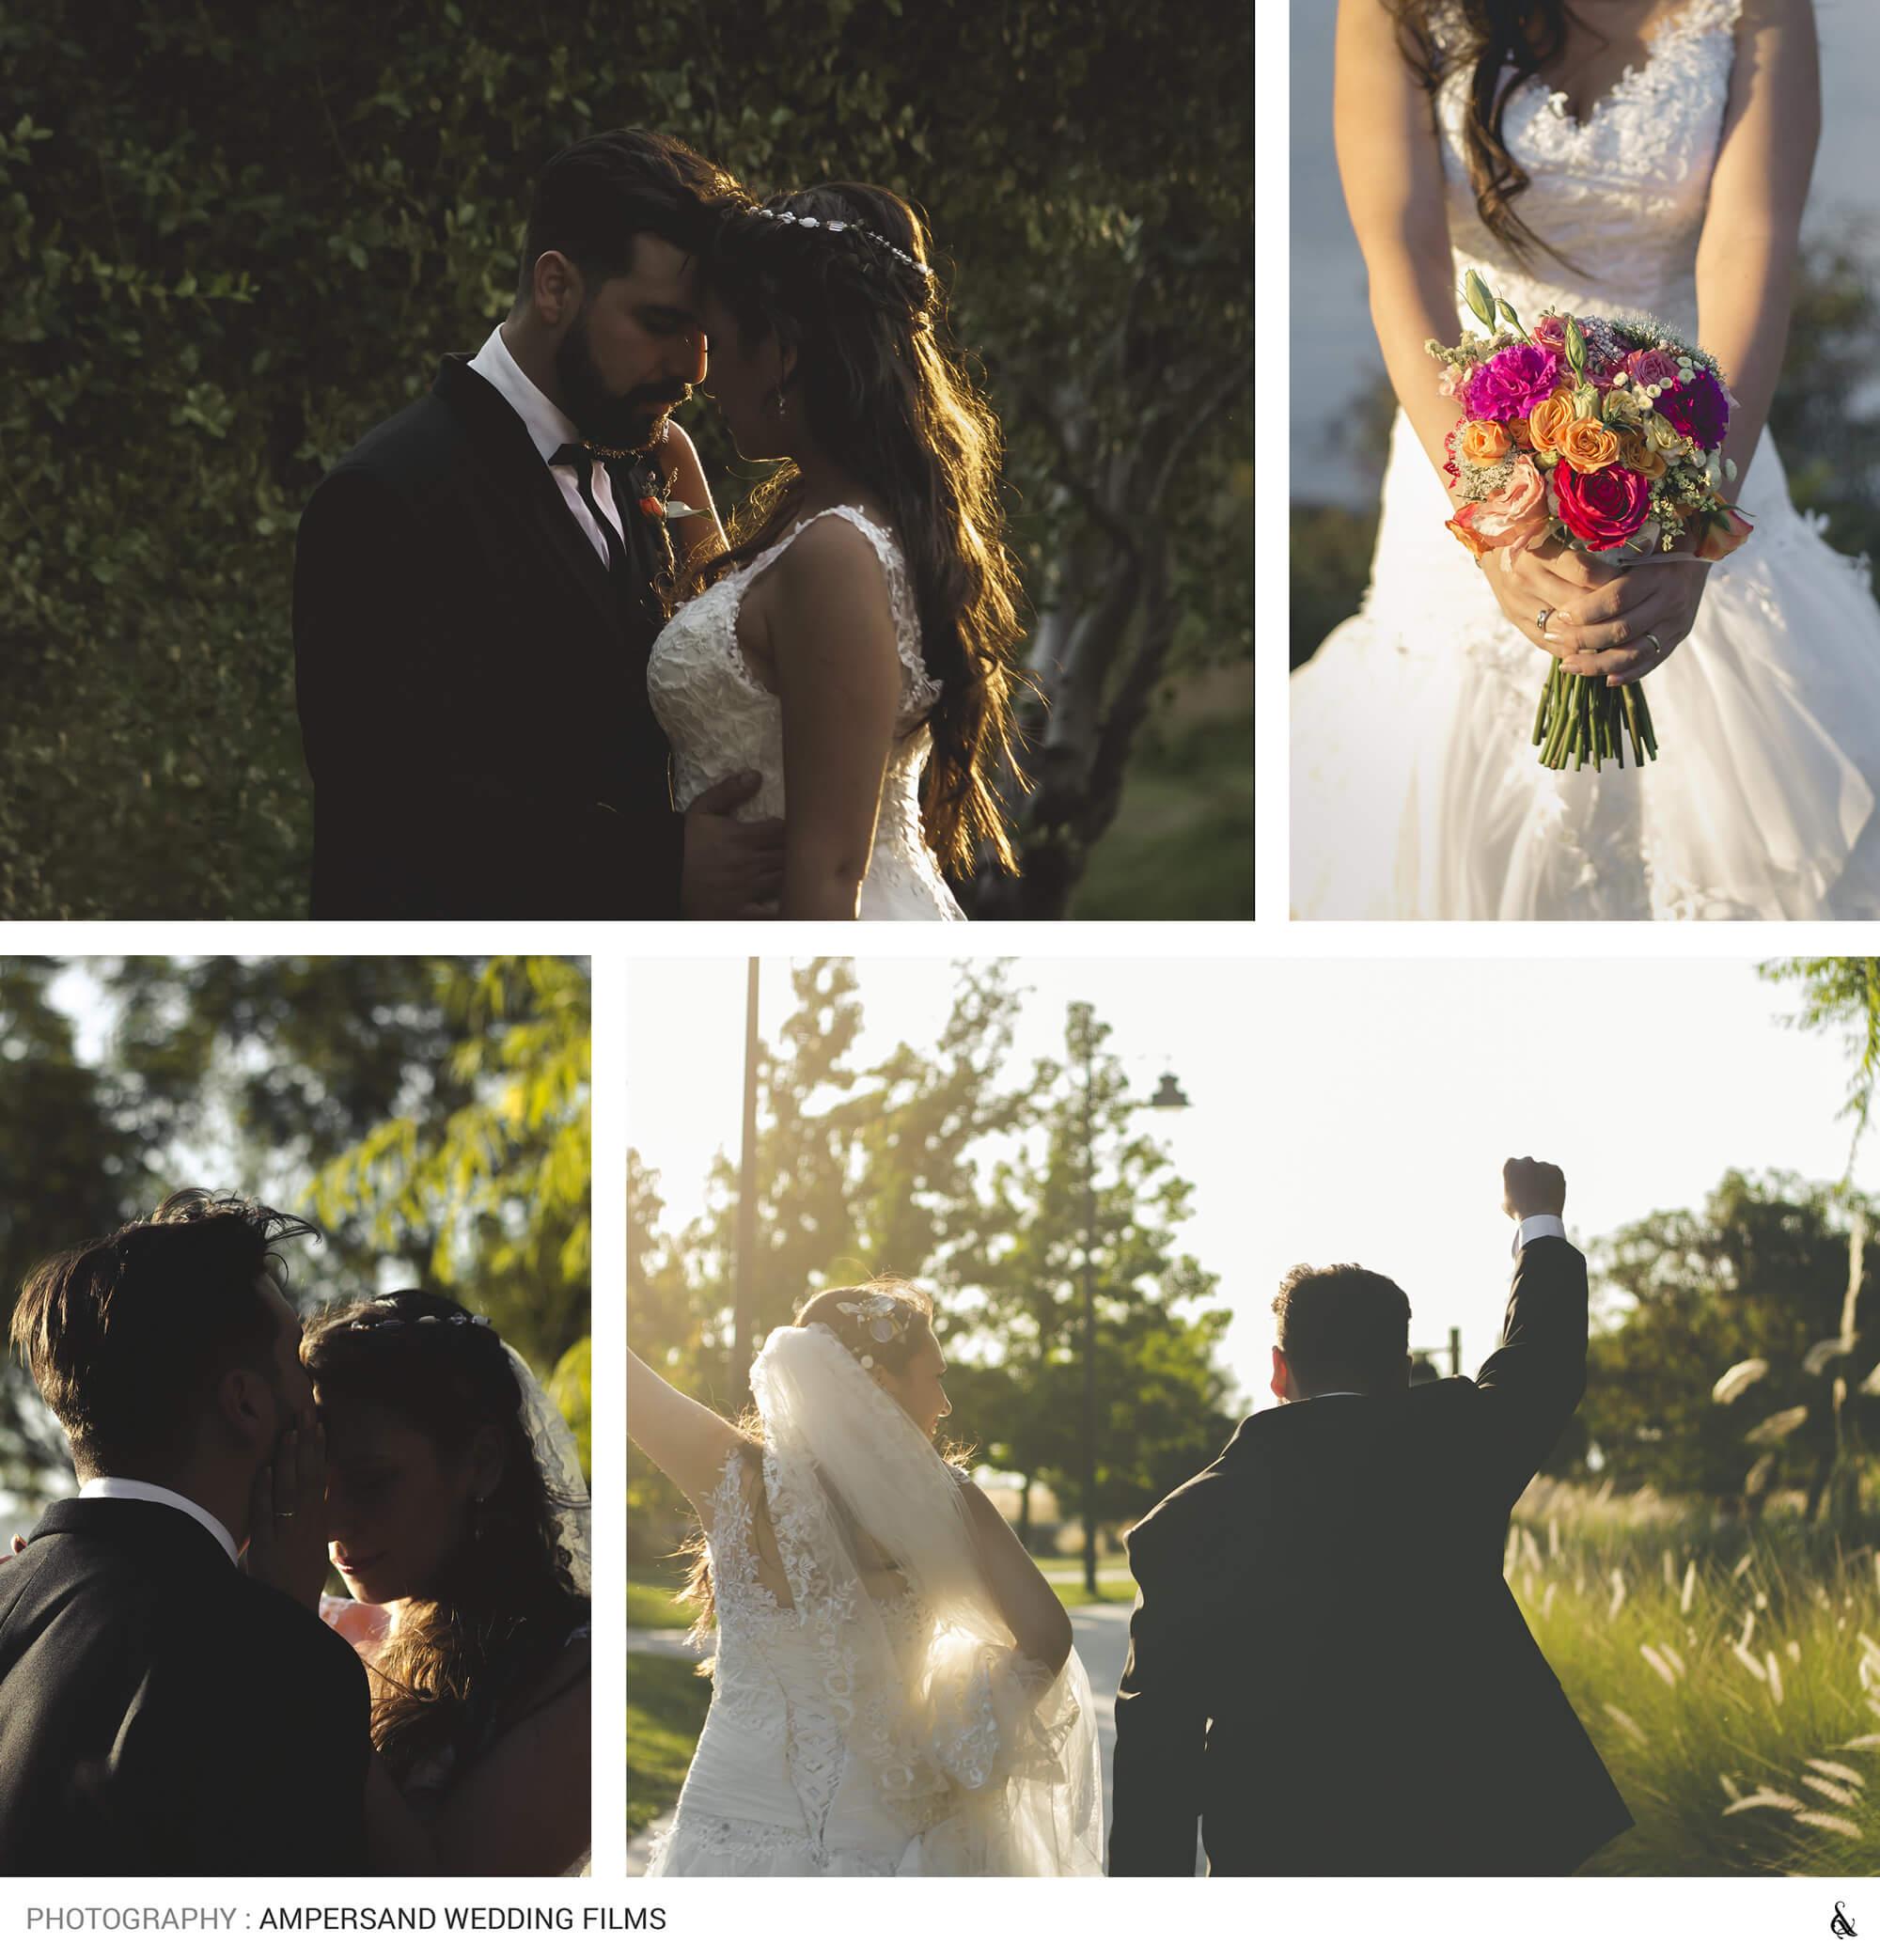 Matrimonio - Sesión de novios en la Laguna Chicureo - by @amperstudios